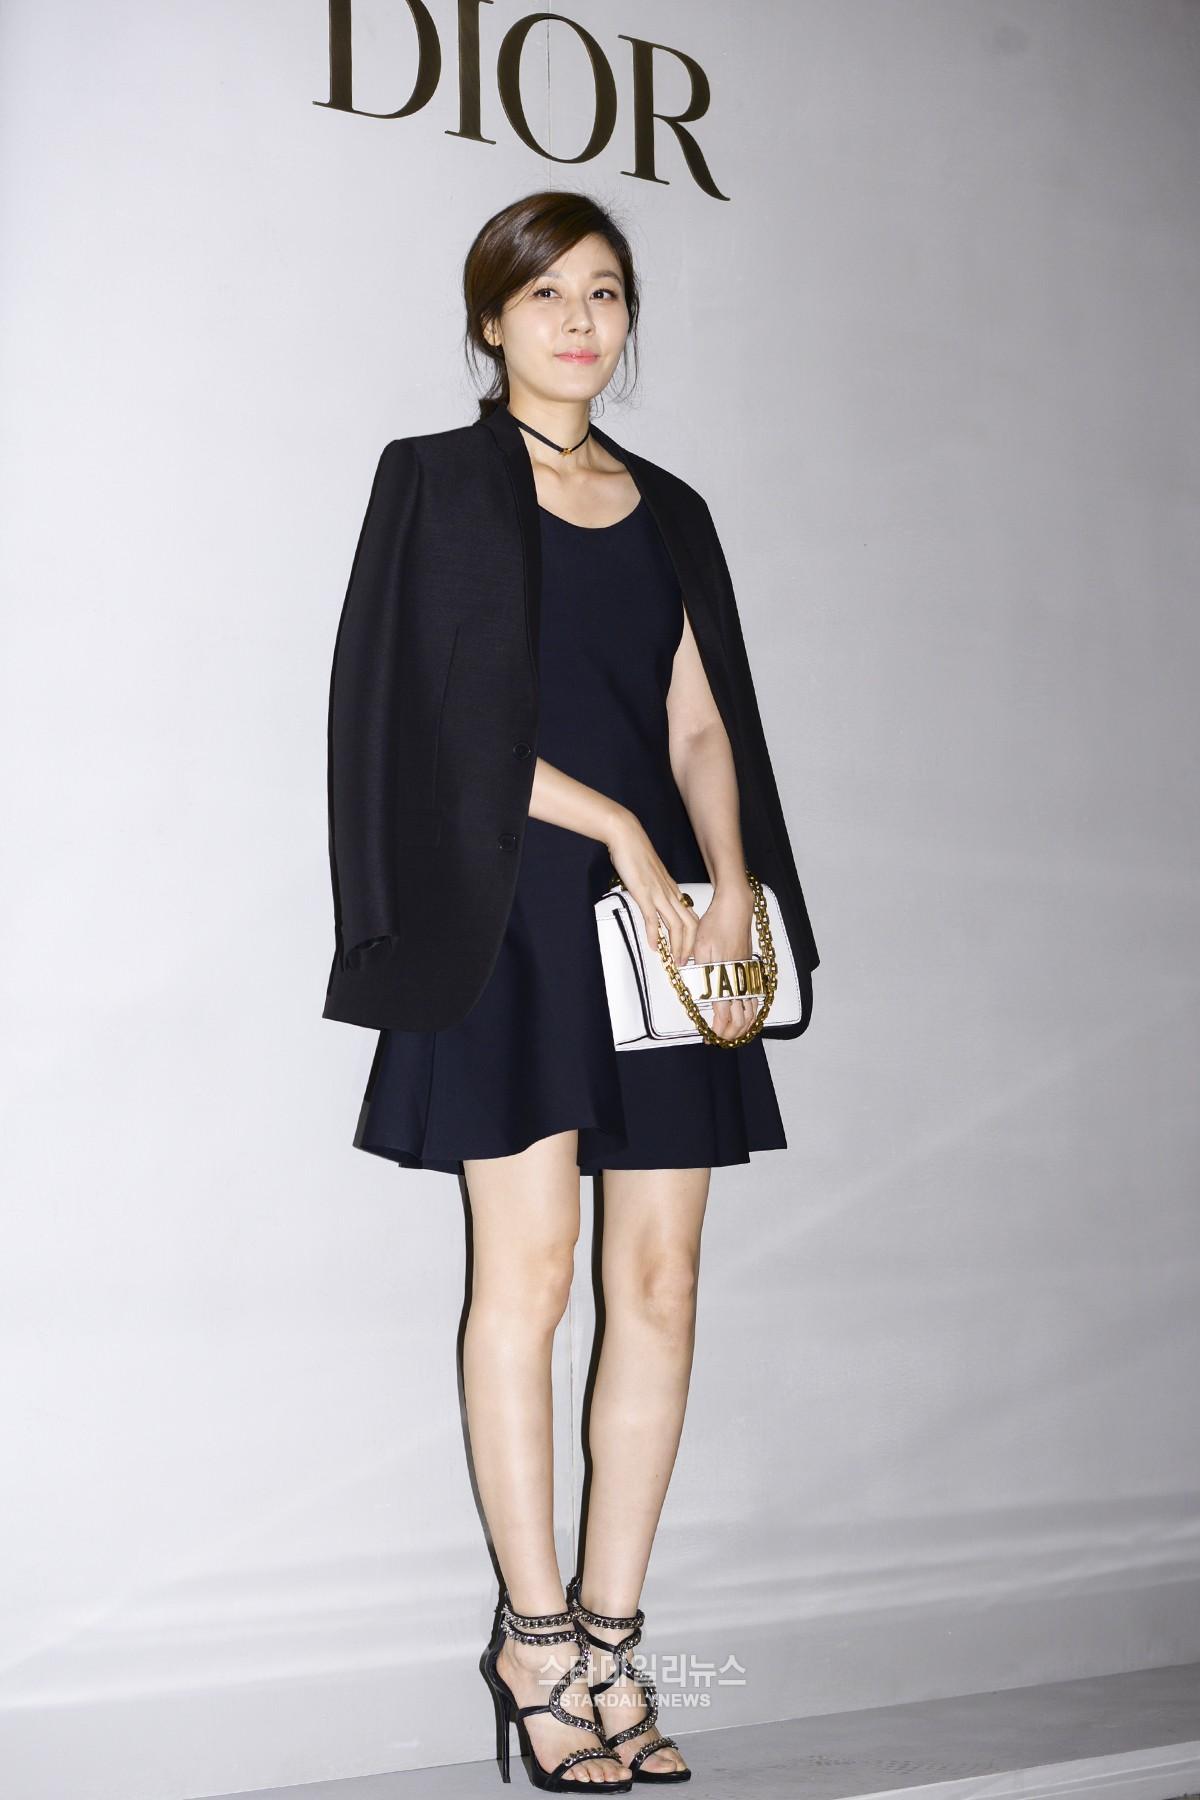 Yoona và Sulli cùng diện đồ hiệu đẳng cấp, đọ sắc vóc một chín một mười tại sự kiện của Dior - Ảnh 11.